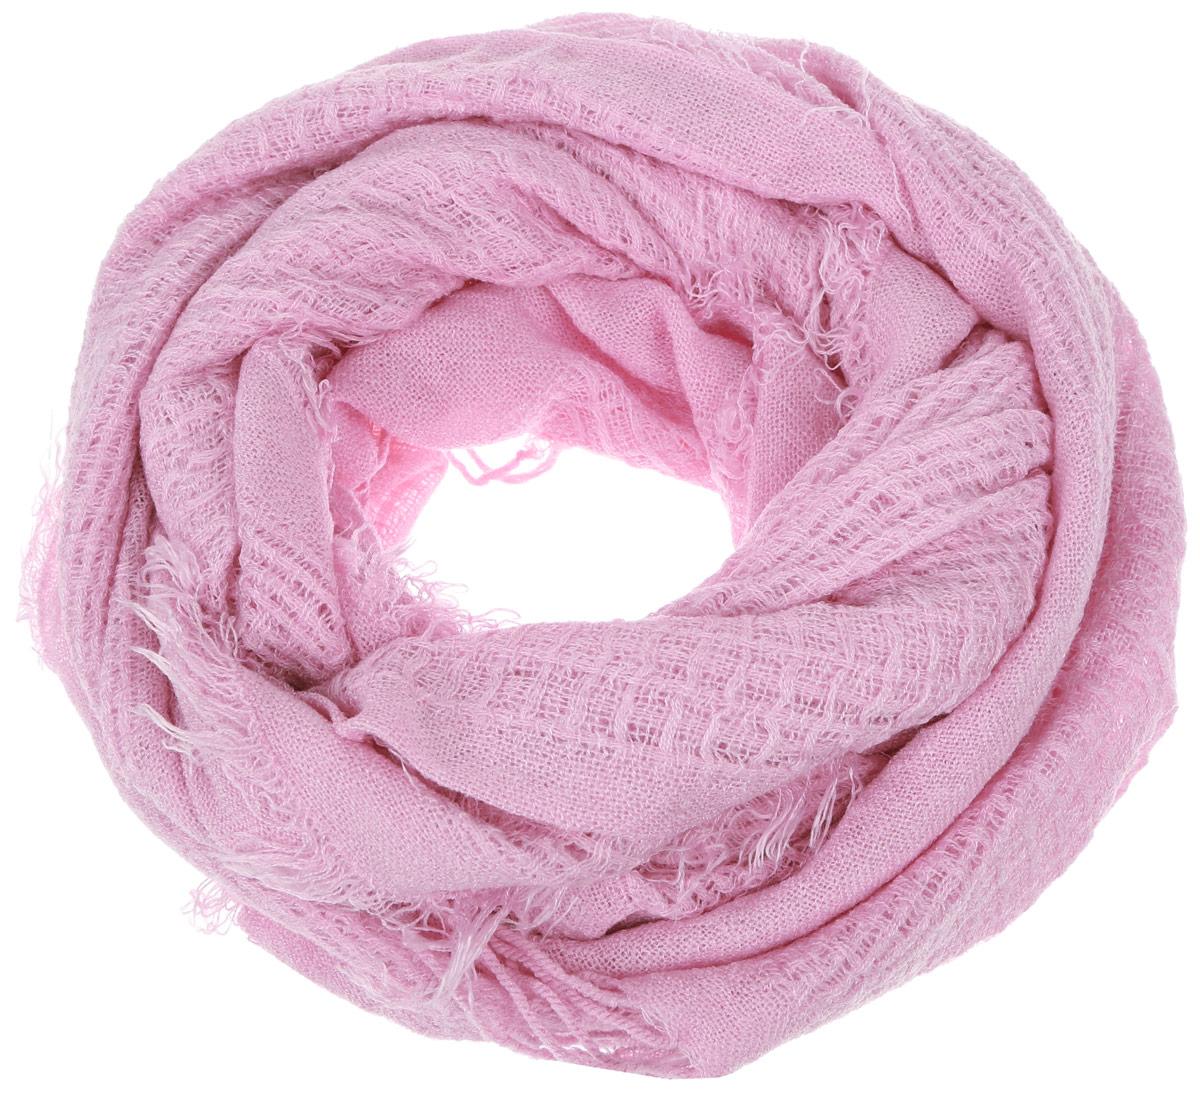 Шарф женский Sela, цвет: розовый. SCw-142/460-6302. Размер 164 см x 50 смSCw-142/460-6302Стильный шарф Sela идеально подойдет для прогулок в холодное время года. Он обладает хорошими дышащими свойствами и хорошо удерживает тепло. Шарф по краям декорирован кистями. Такой шарф станет модным и стильным предметом вашего гардероба. Он улучшит настроение даже в хмурые холодные дни.